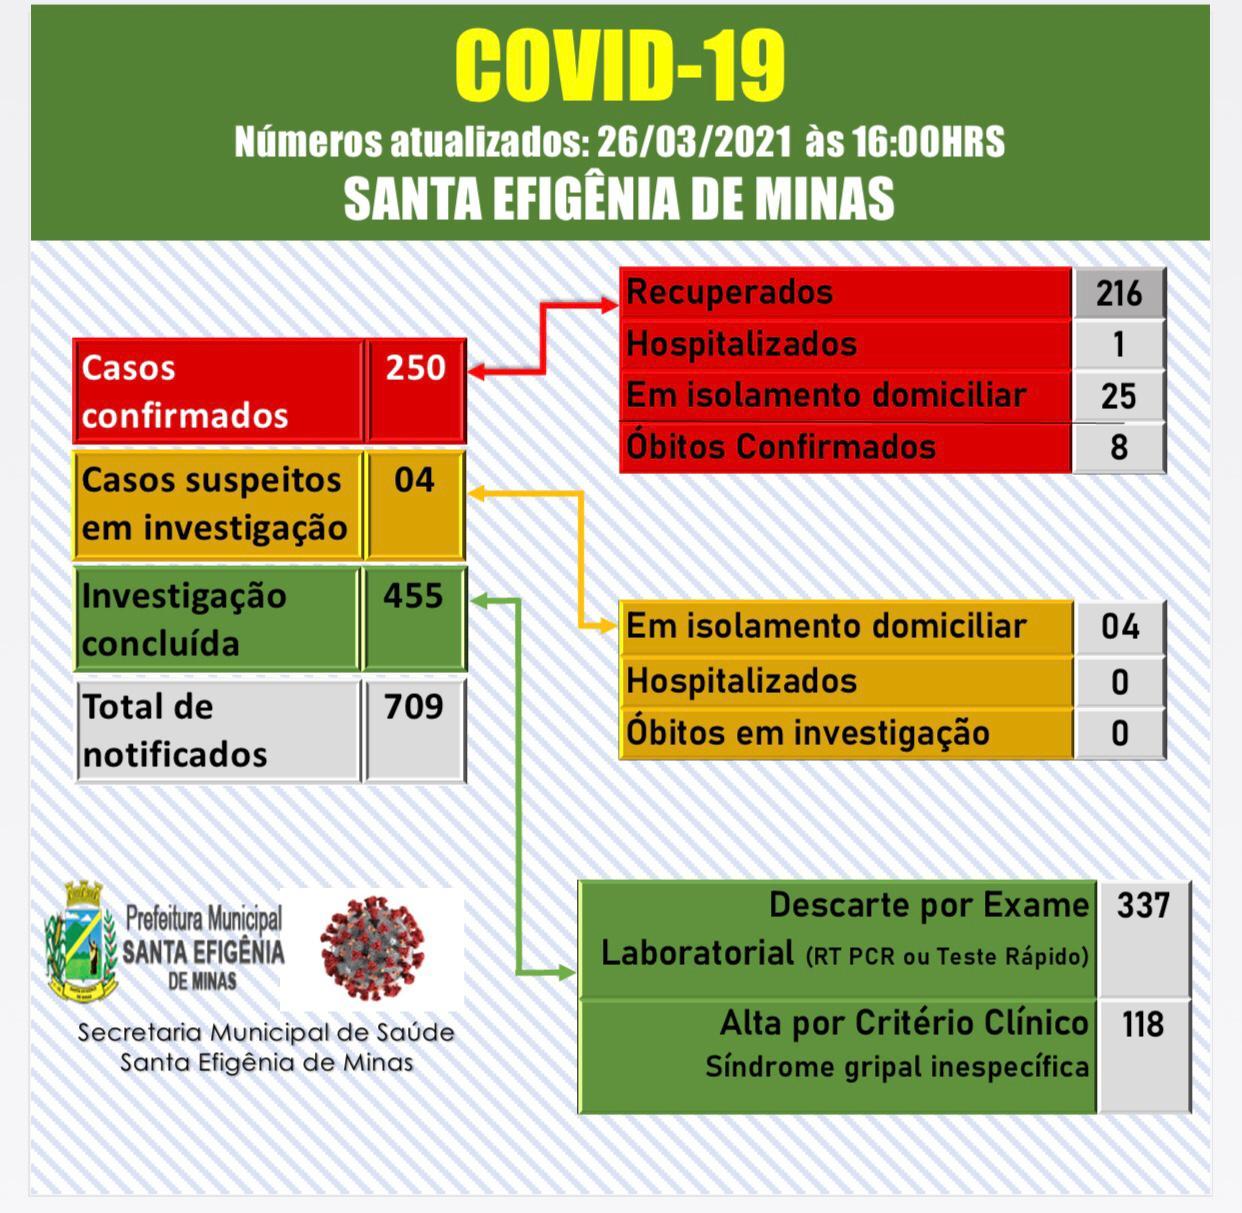 BOLETIM OFICIAL CORONAVÍRUS 26 DE MARÇO DE 2021